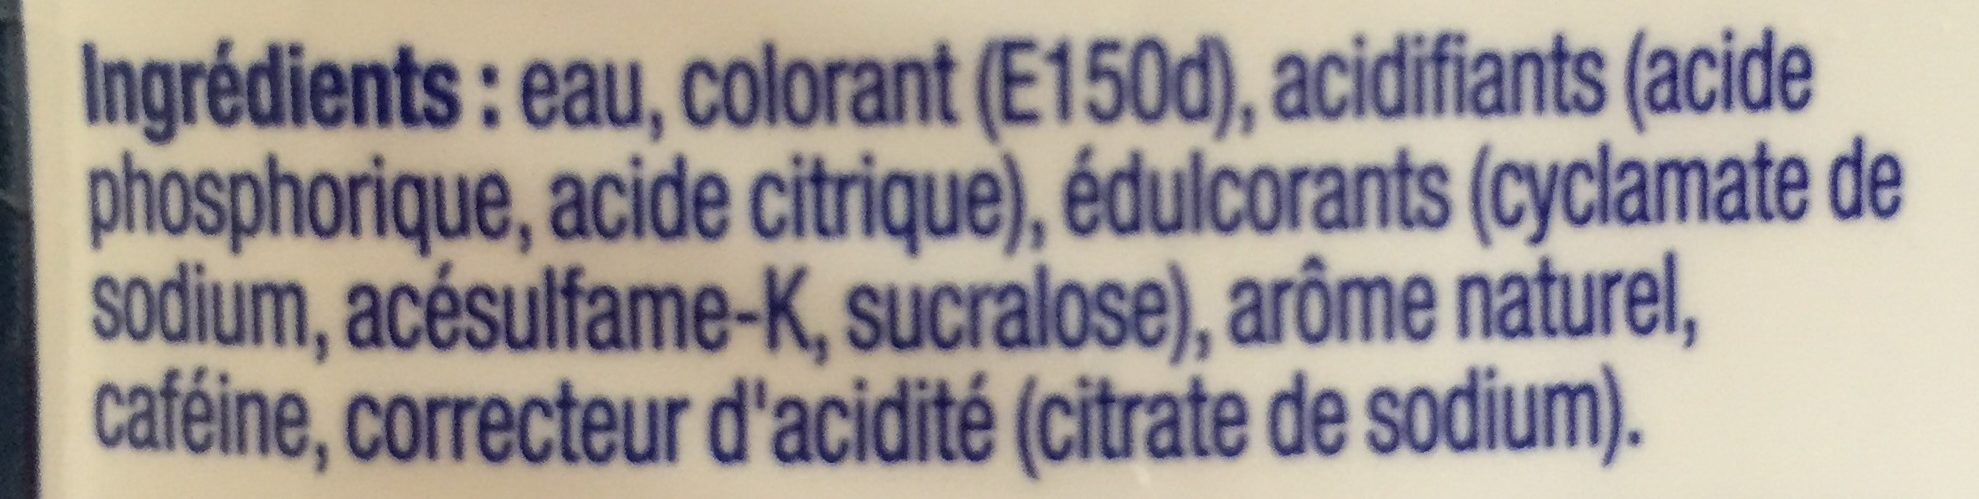 Concentr cola sans sucre 50 gratuit sodastream 750 ml - Acide citrique leclerc ...